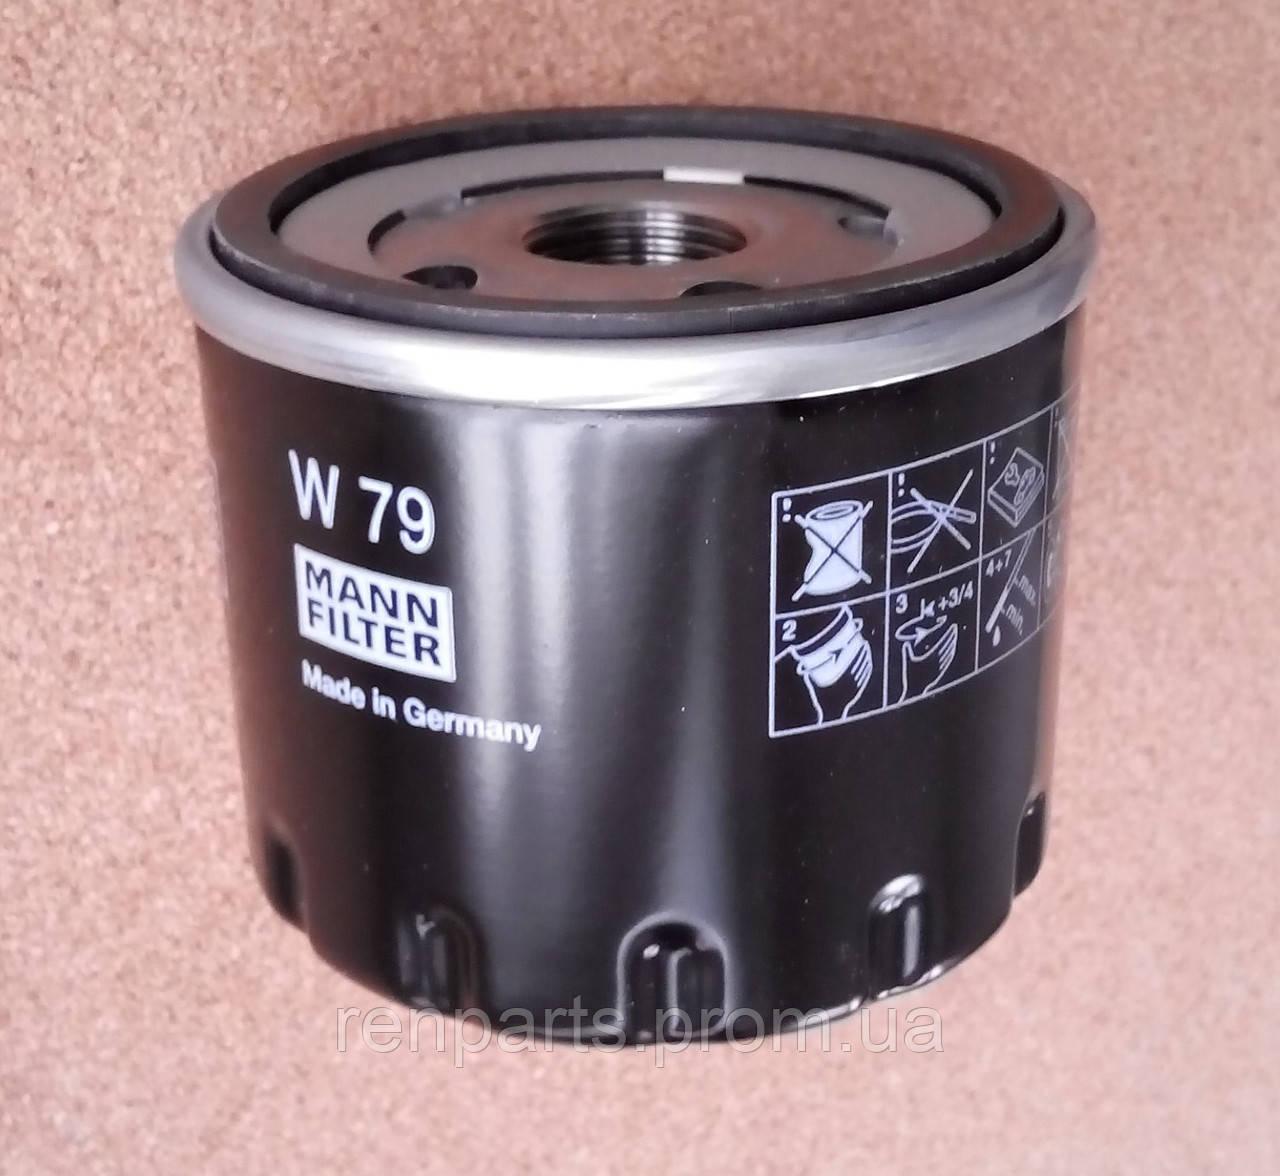 фильтр масляный Renault Duster рено дастер 15dci K9k Mann